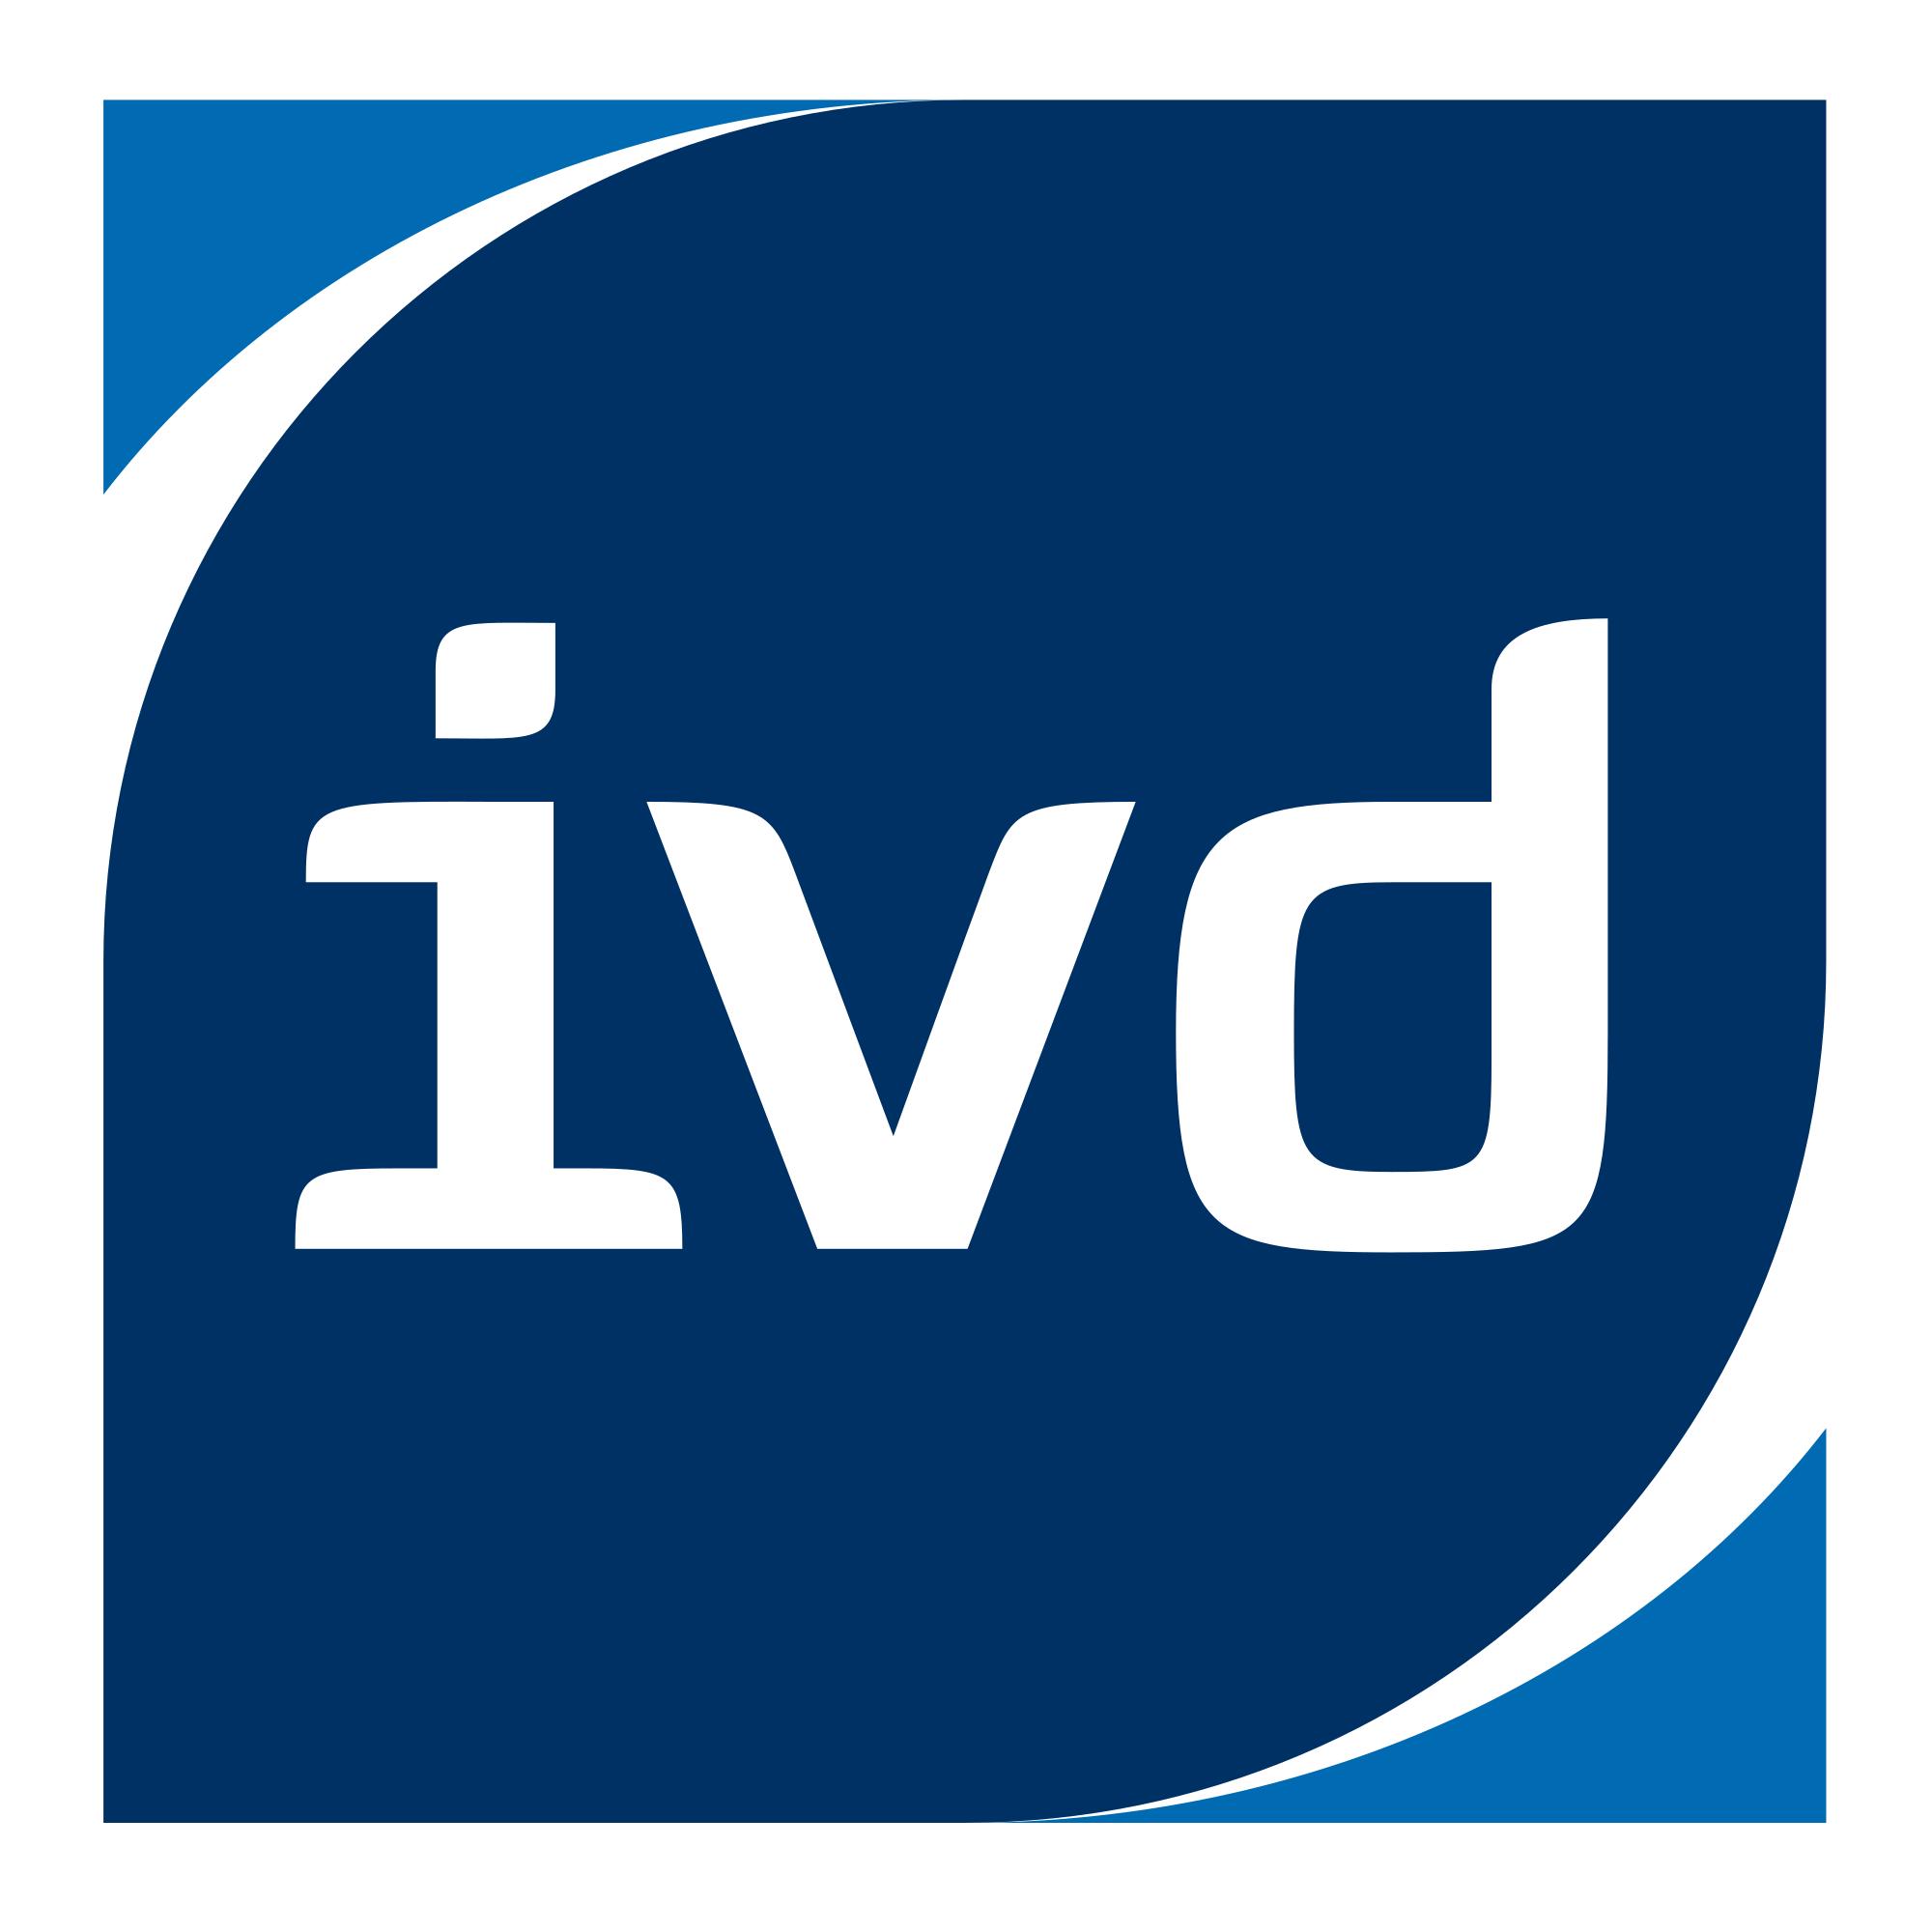 Immobilienverband Deutschland IVD